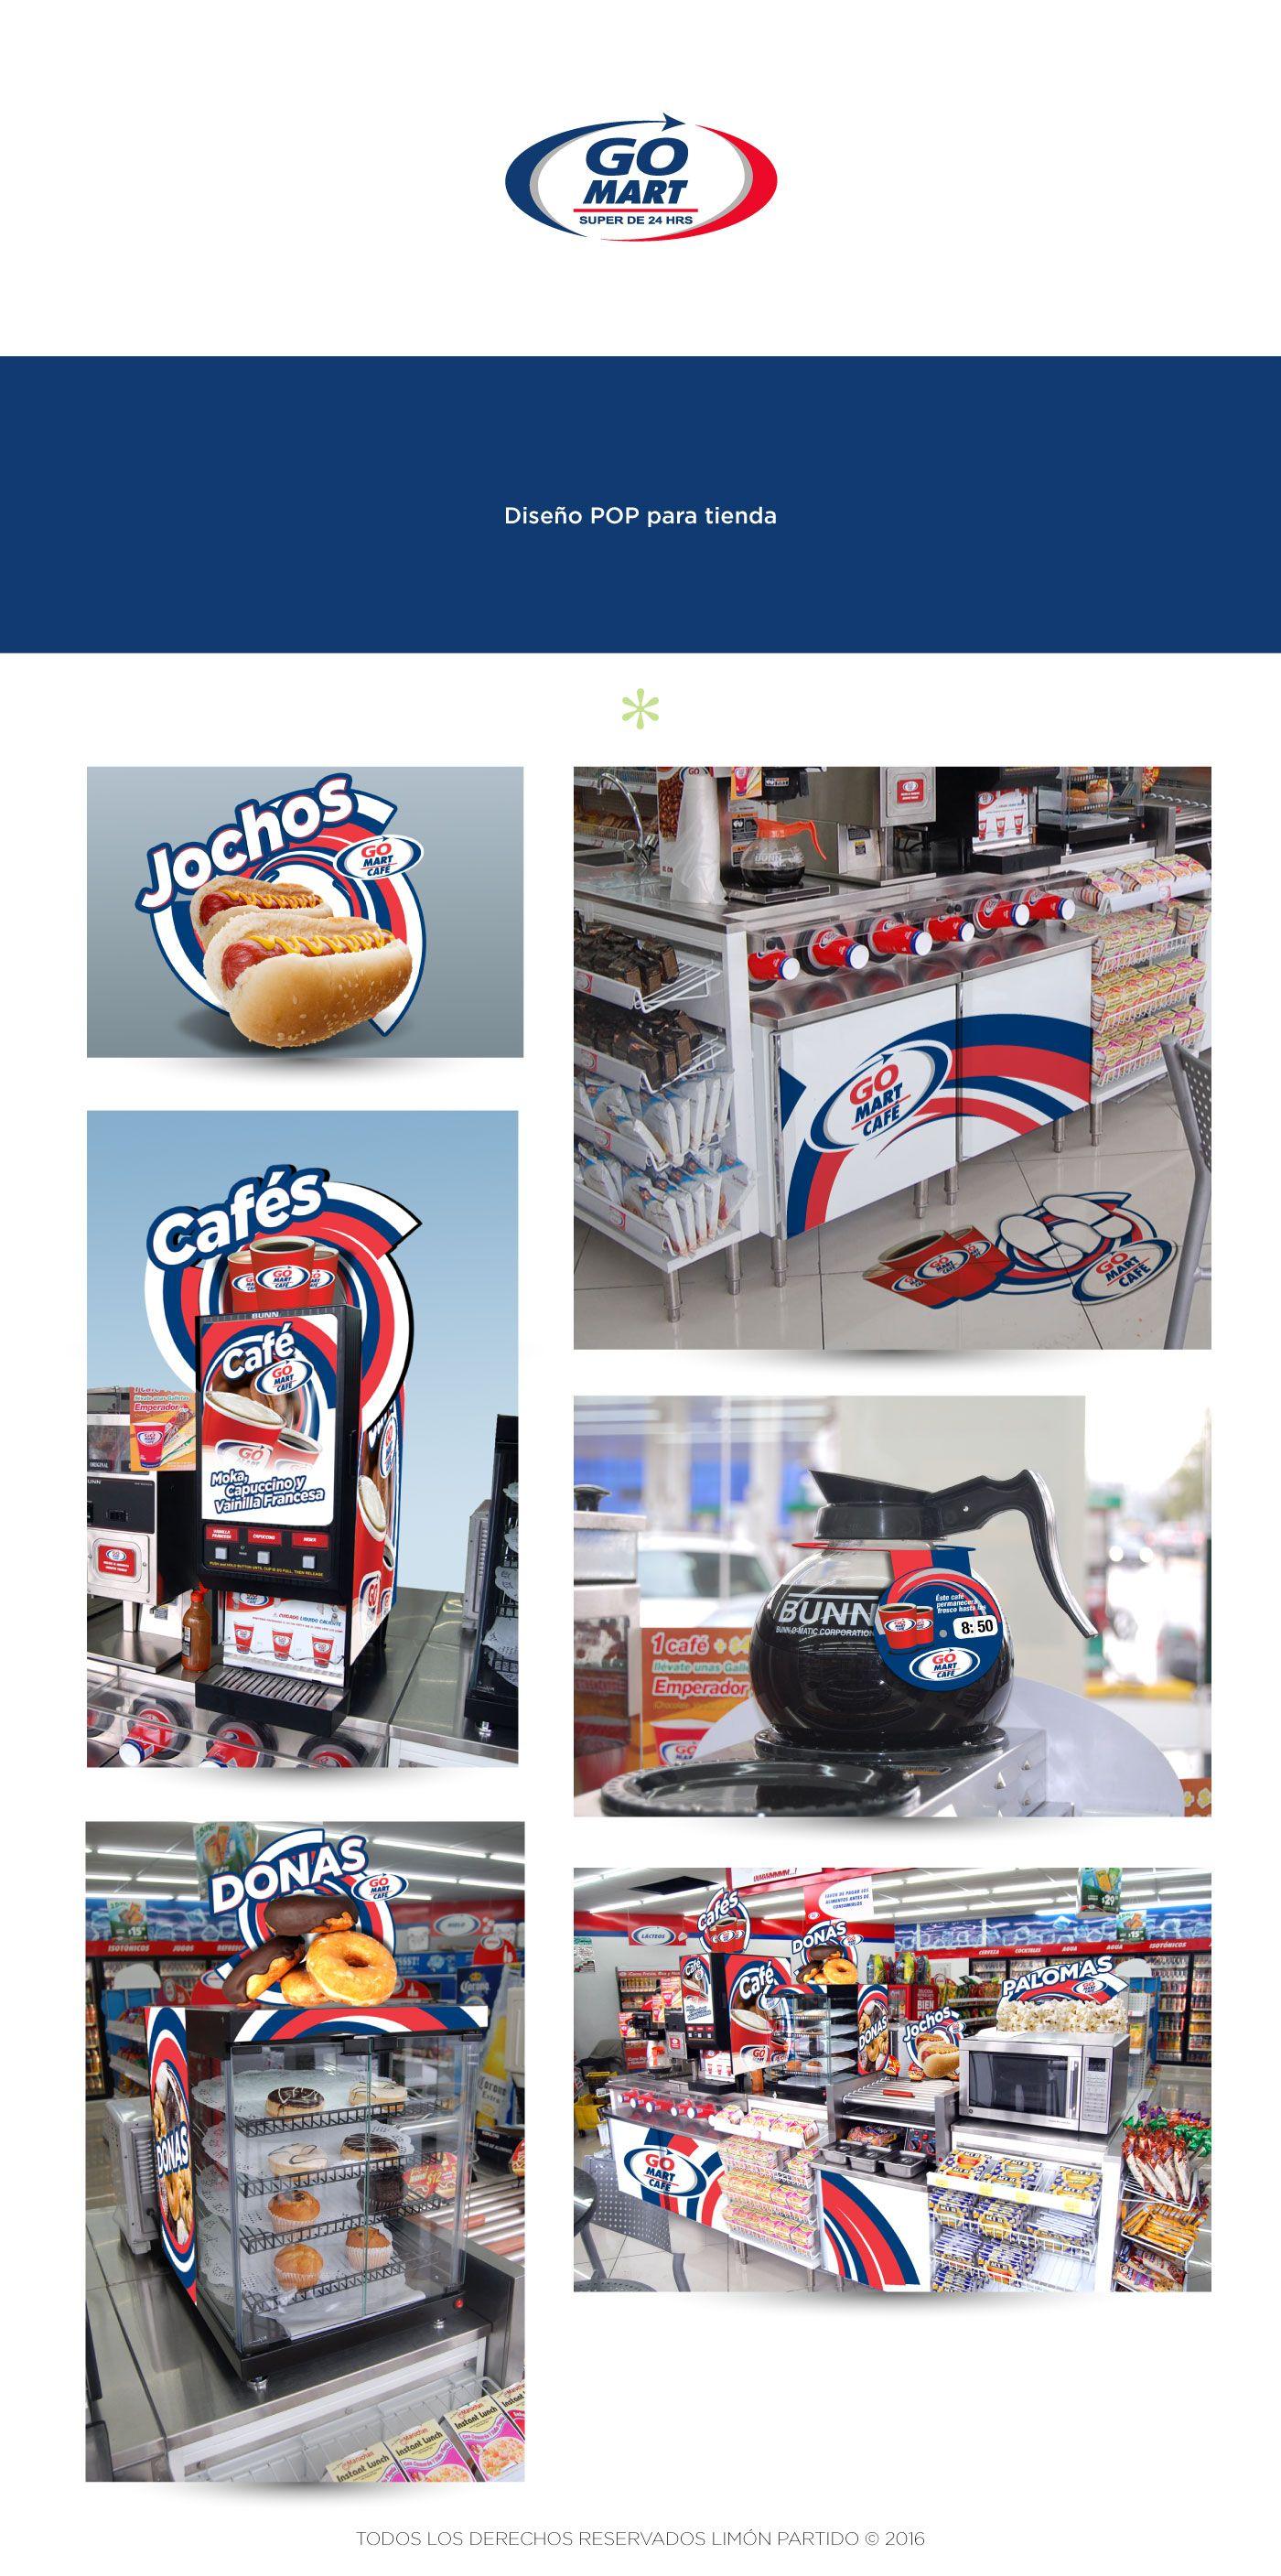 Diseño POP para tienda